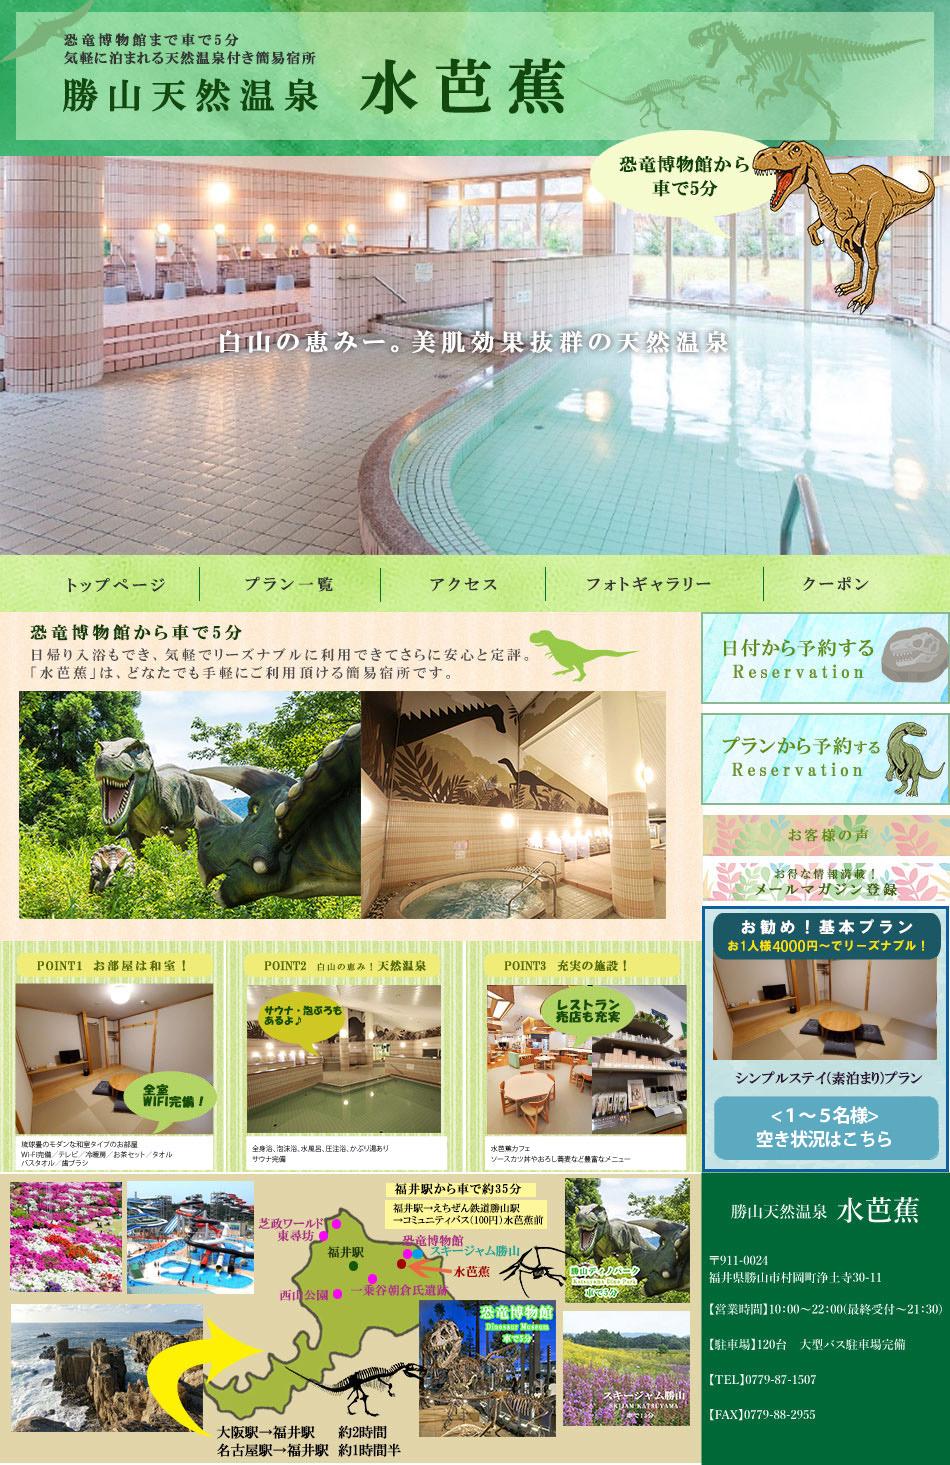 予約 恐竜 博物館 恐竜博物館、ネット予約で再開へ 福井県民は6月15日、県外客7月14日から